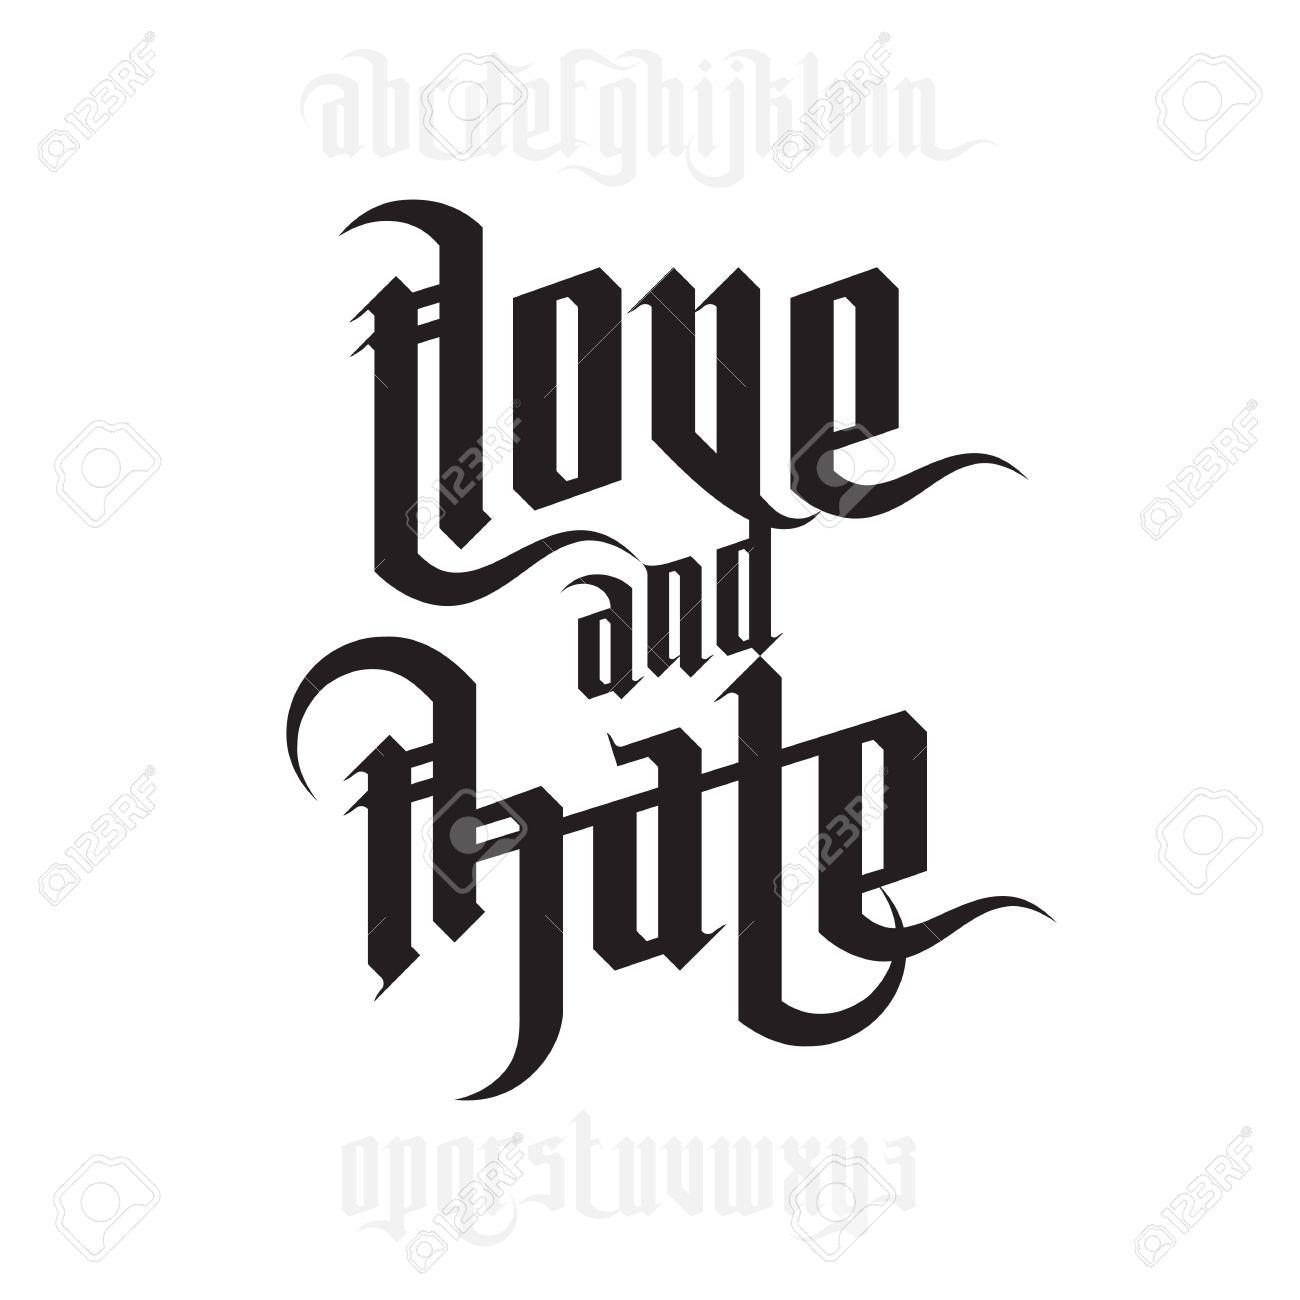 Amour et la haine lettrage modern style font gothique lettres modern style font gothique lettres gothiques avec des lments thecheapjerseys Choice Image